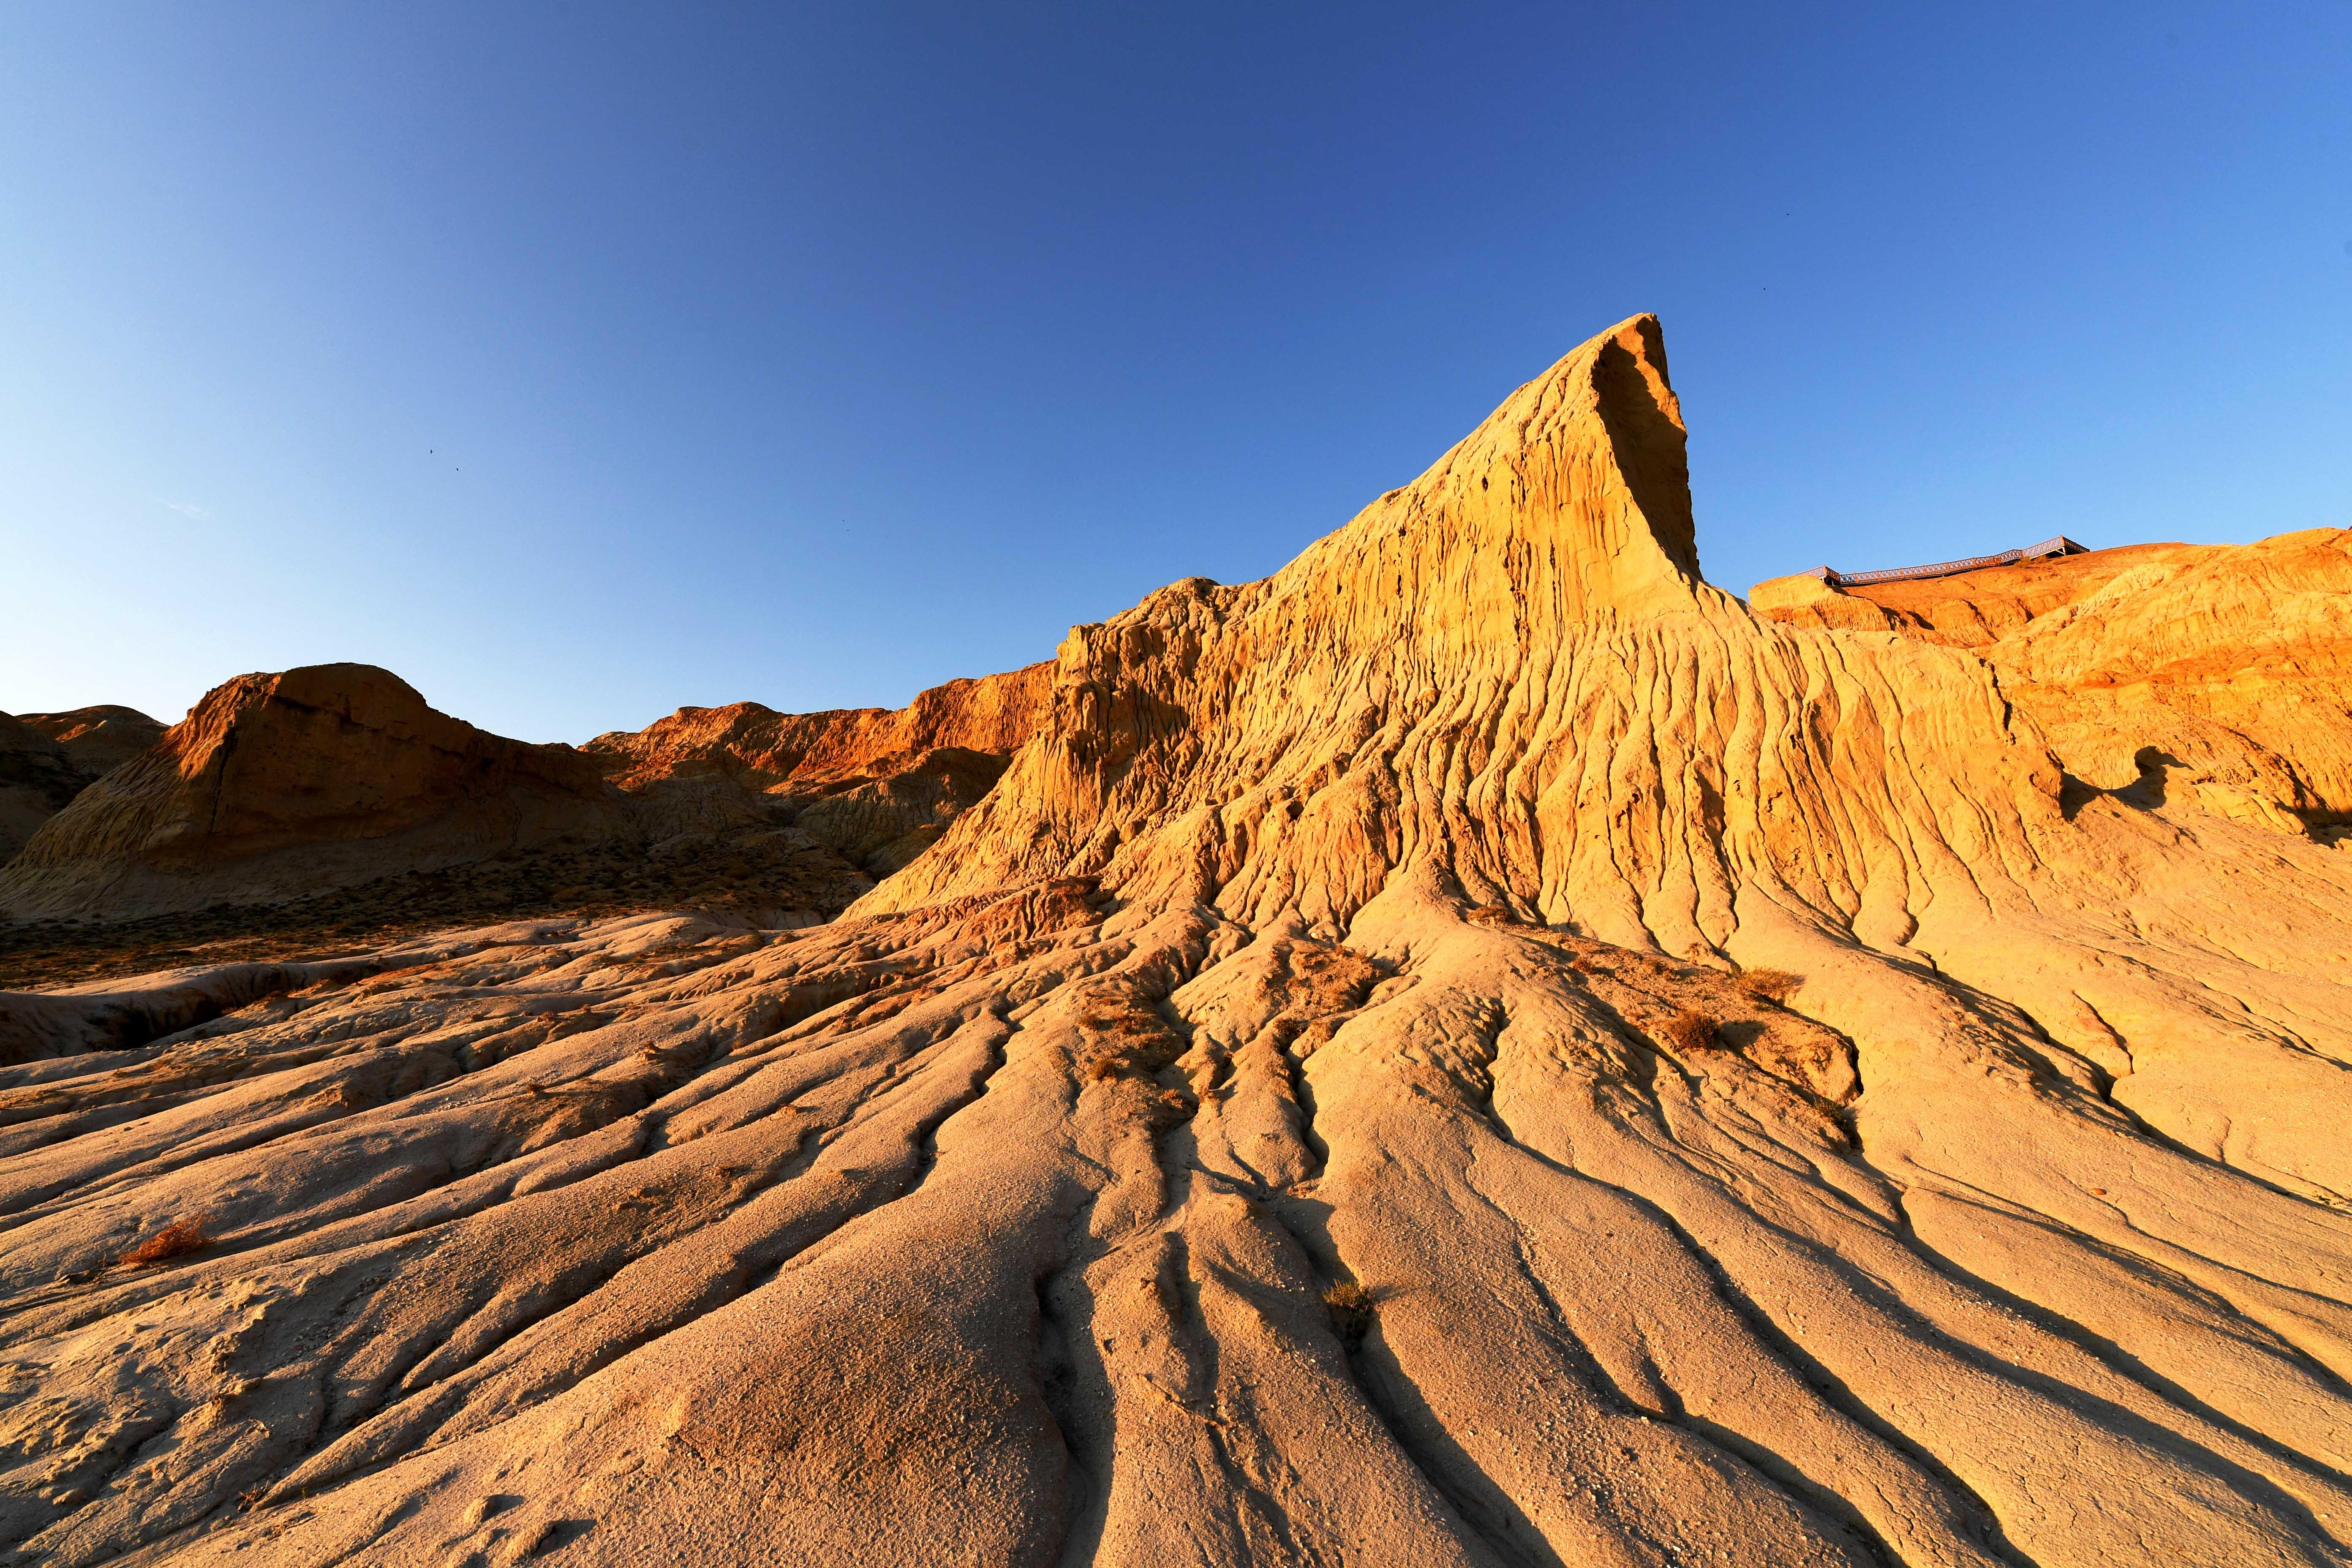 風食がつくり上げた「海上魔鬼城」 新疆ブルルトカイ県